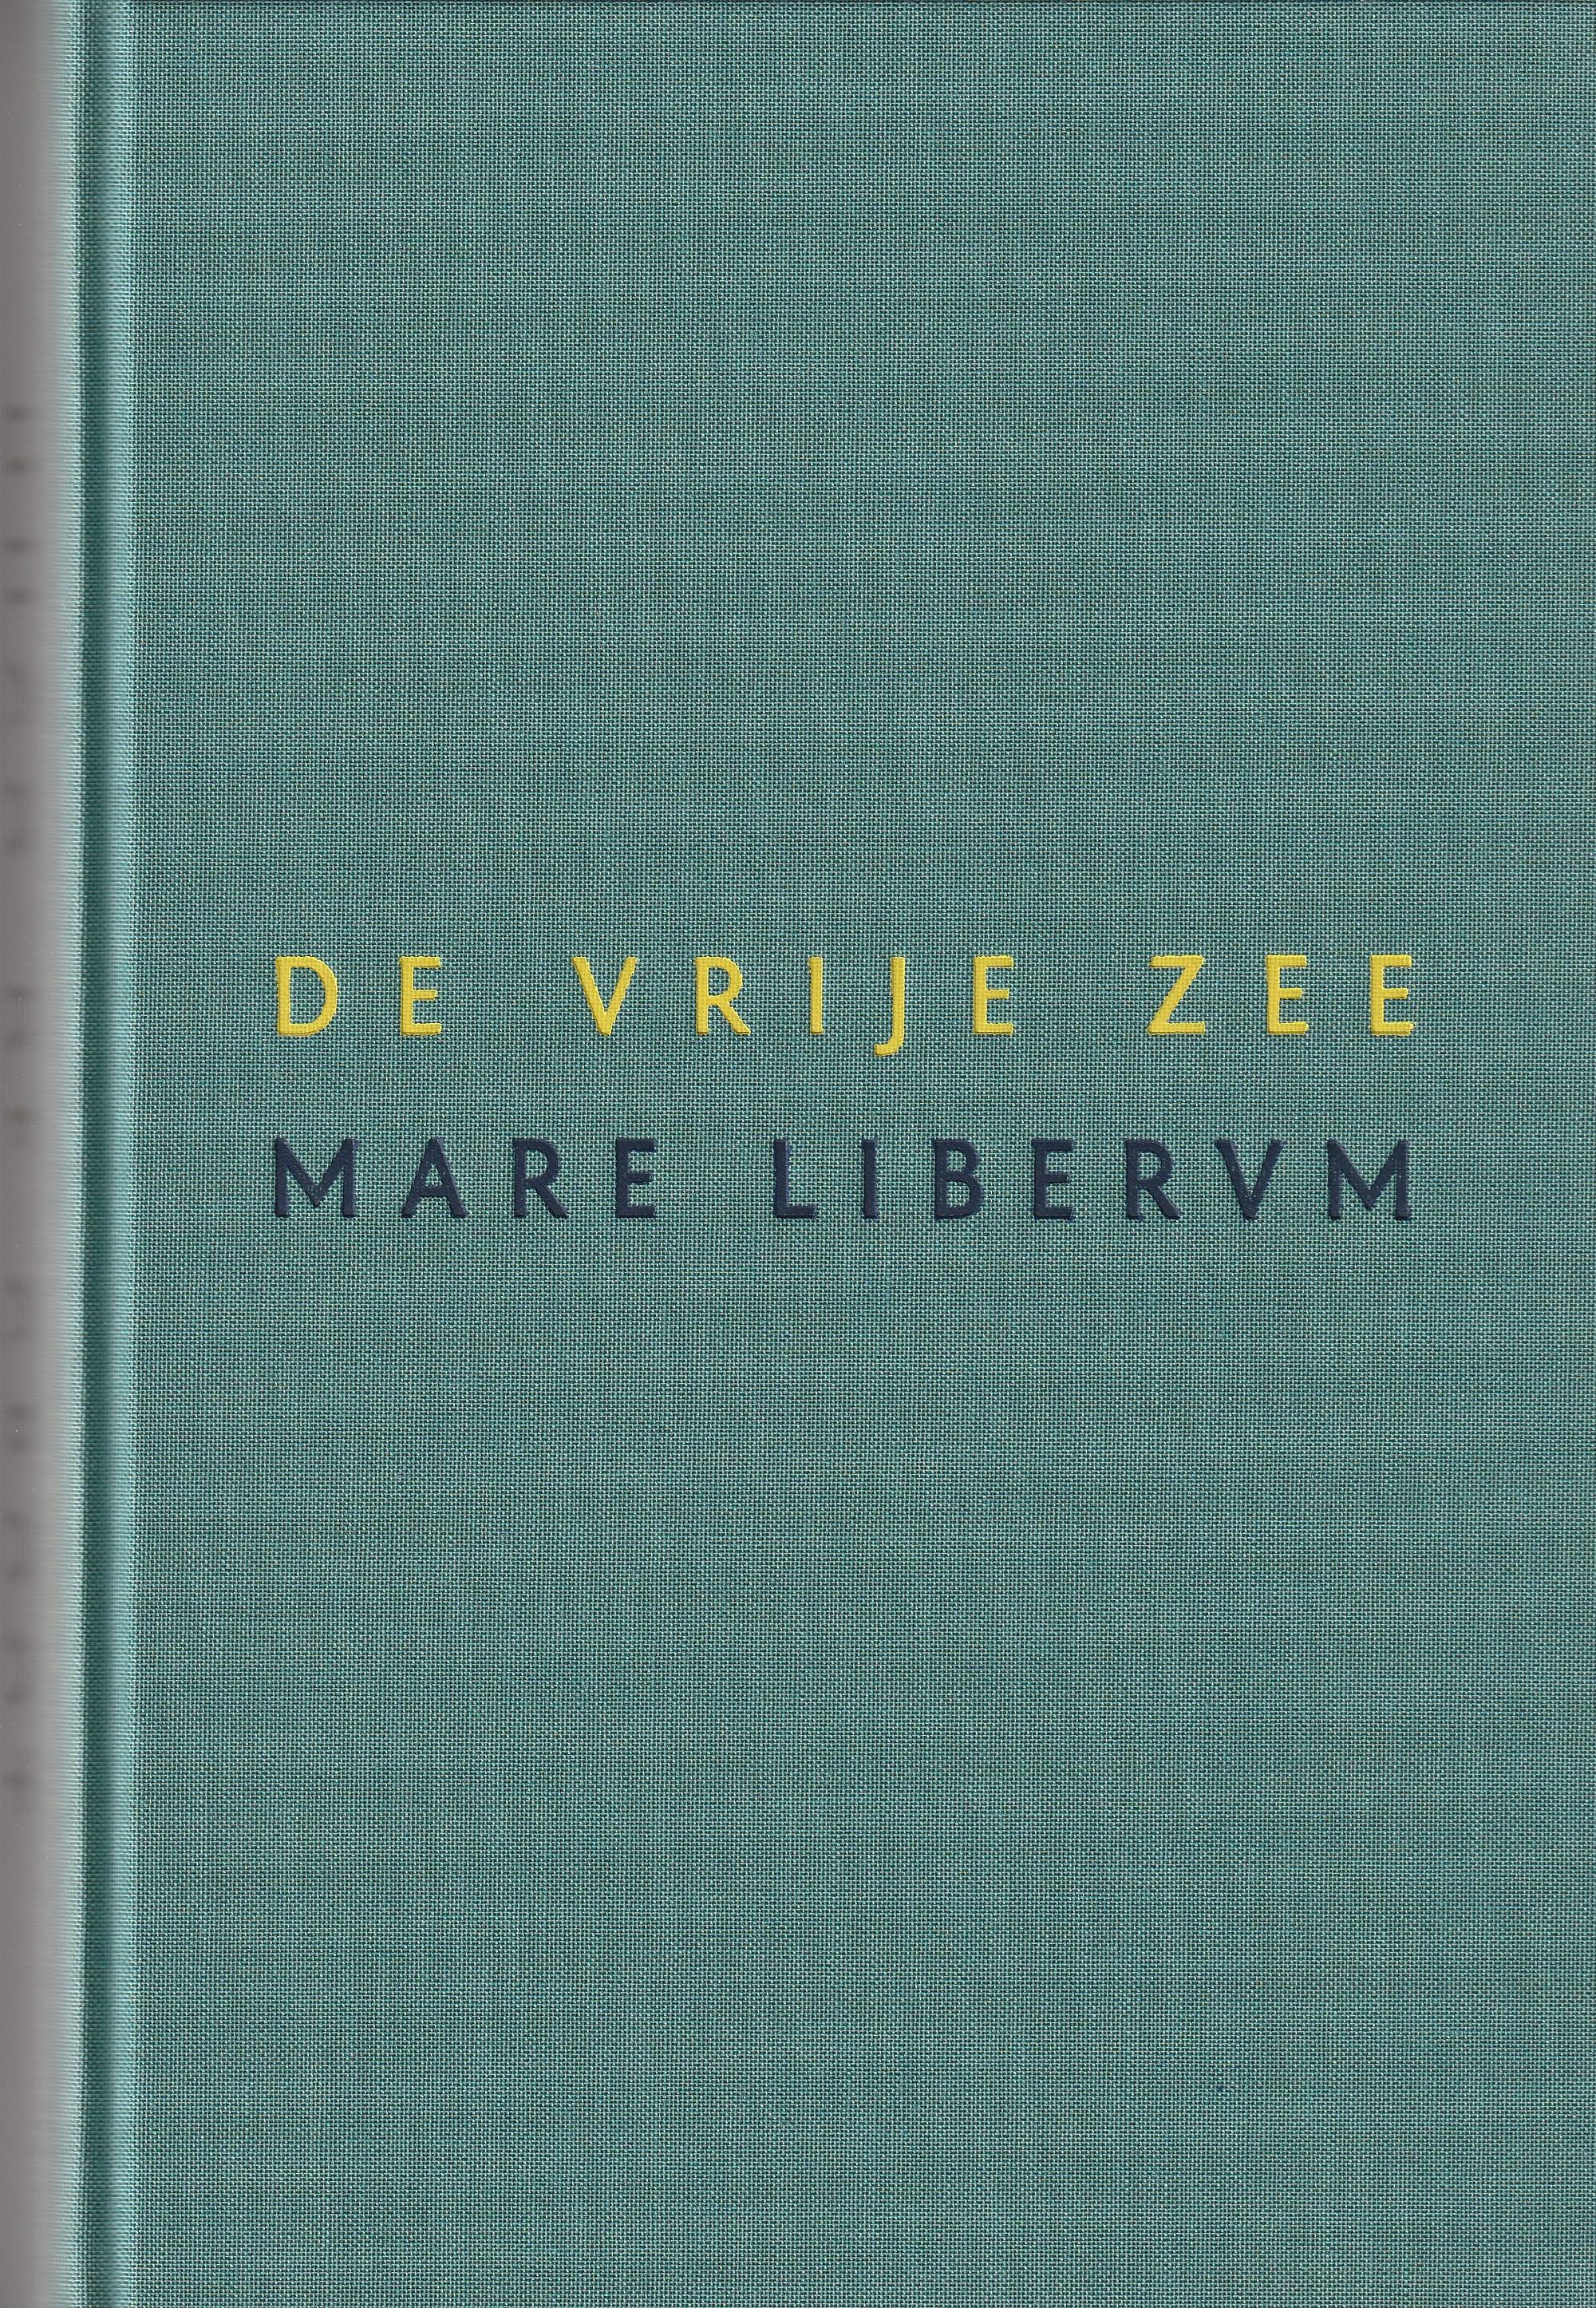 De vrije zee / Mare Liberum